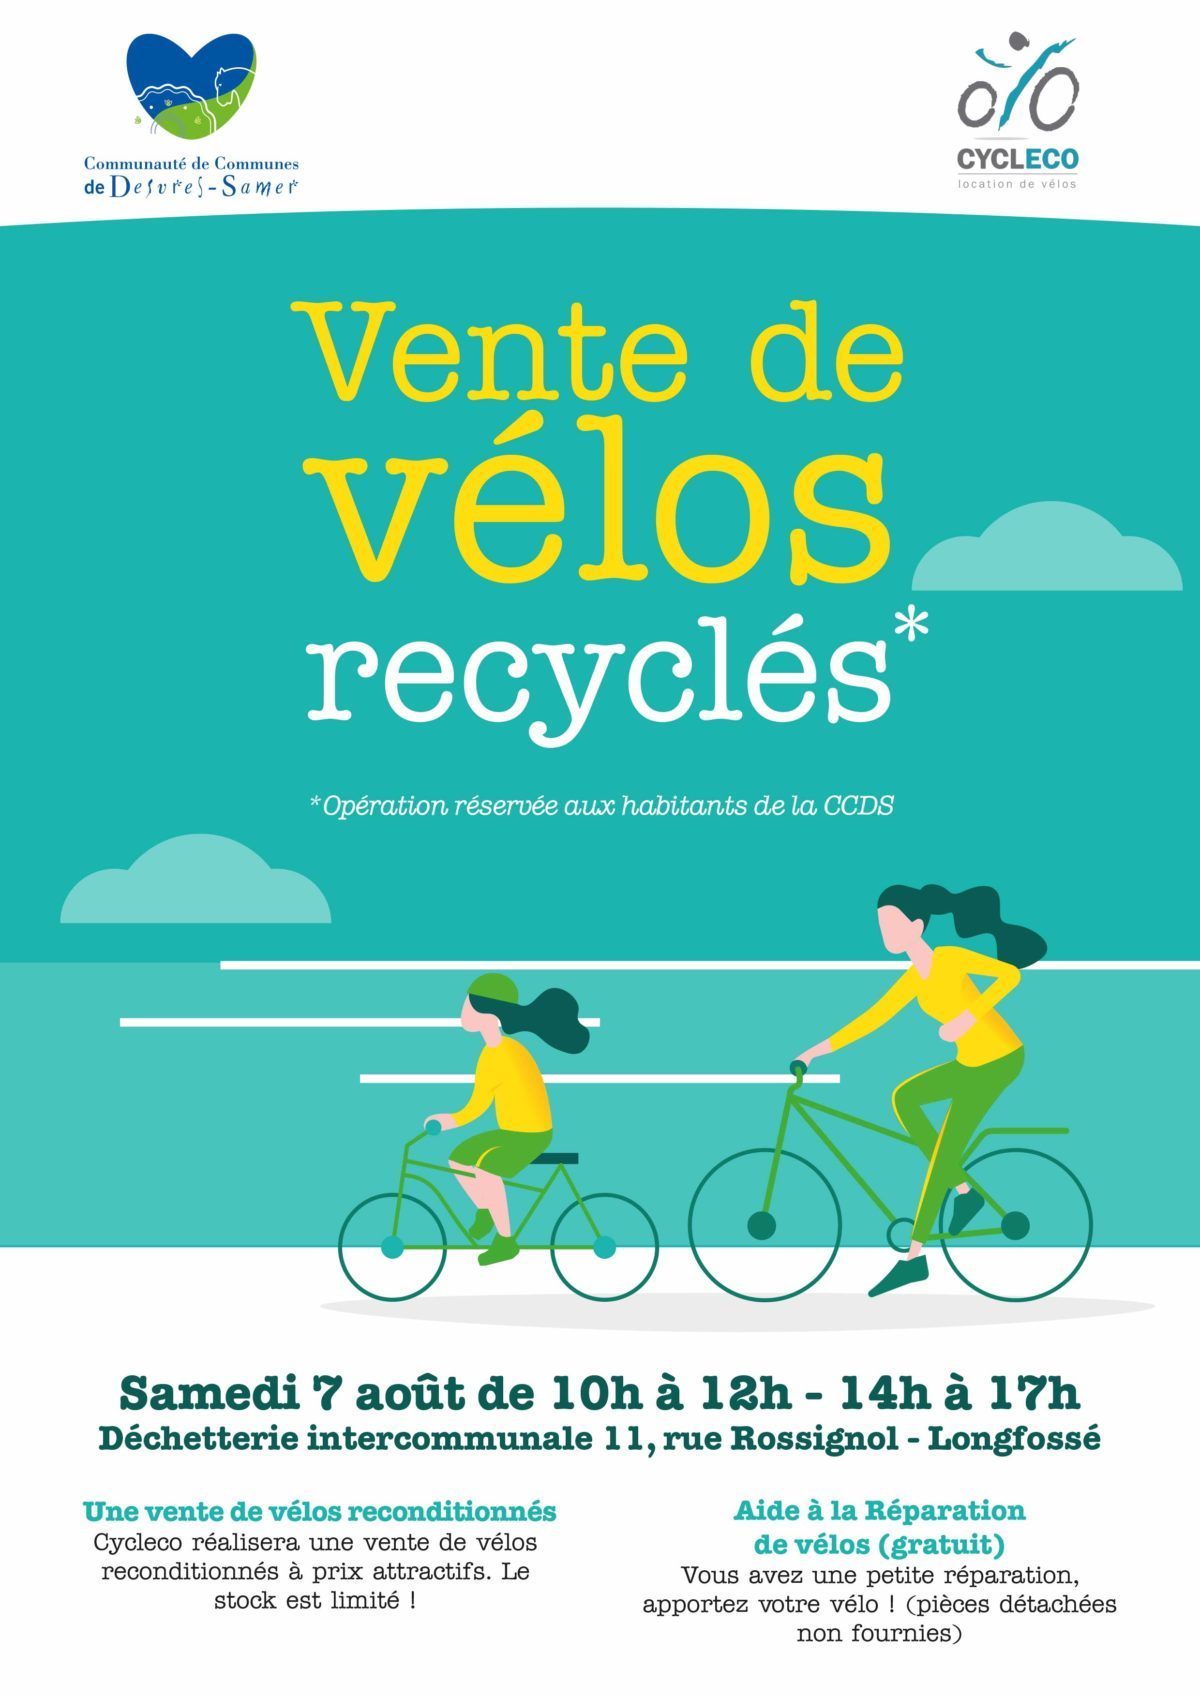 Vente de vélos recyclés